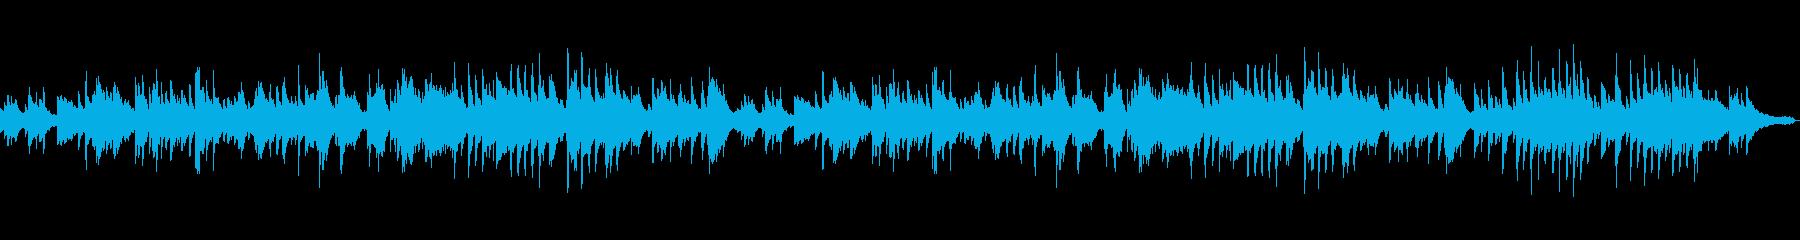 癒しピアノソロ。配信アプリのBGM等にの再生済みの波形